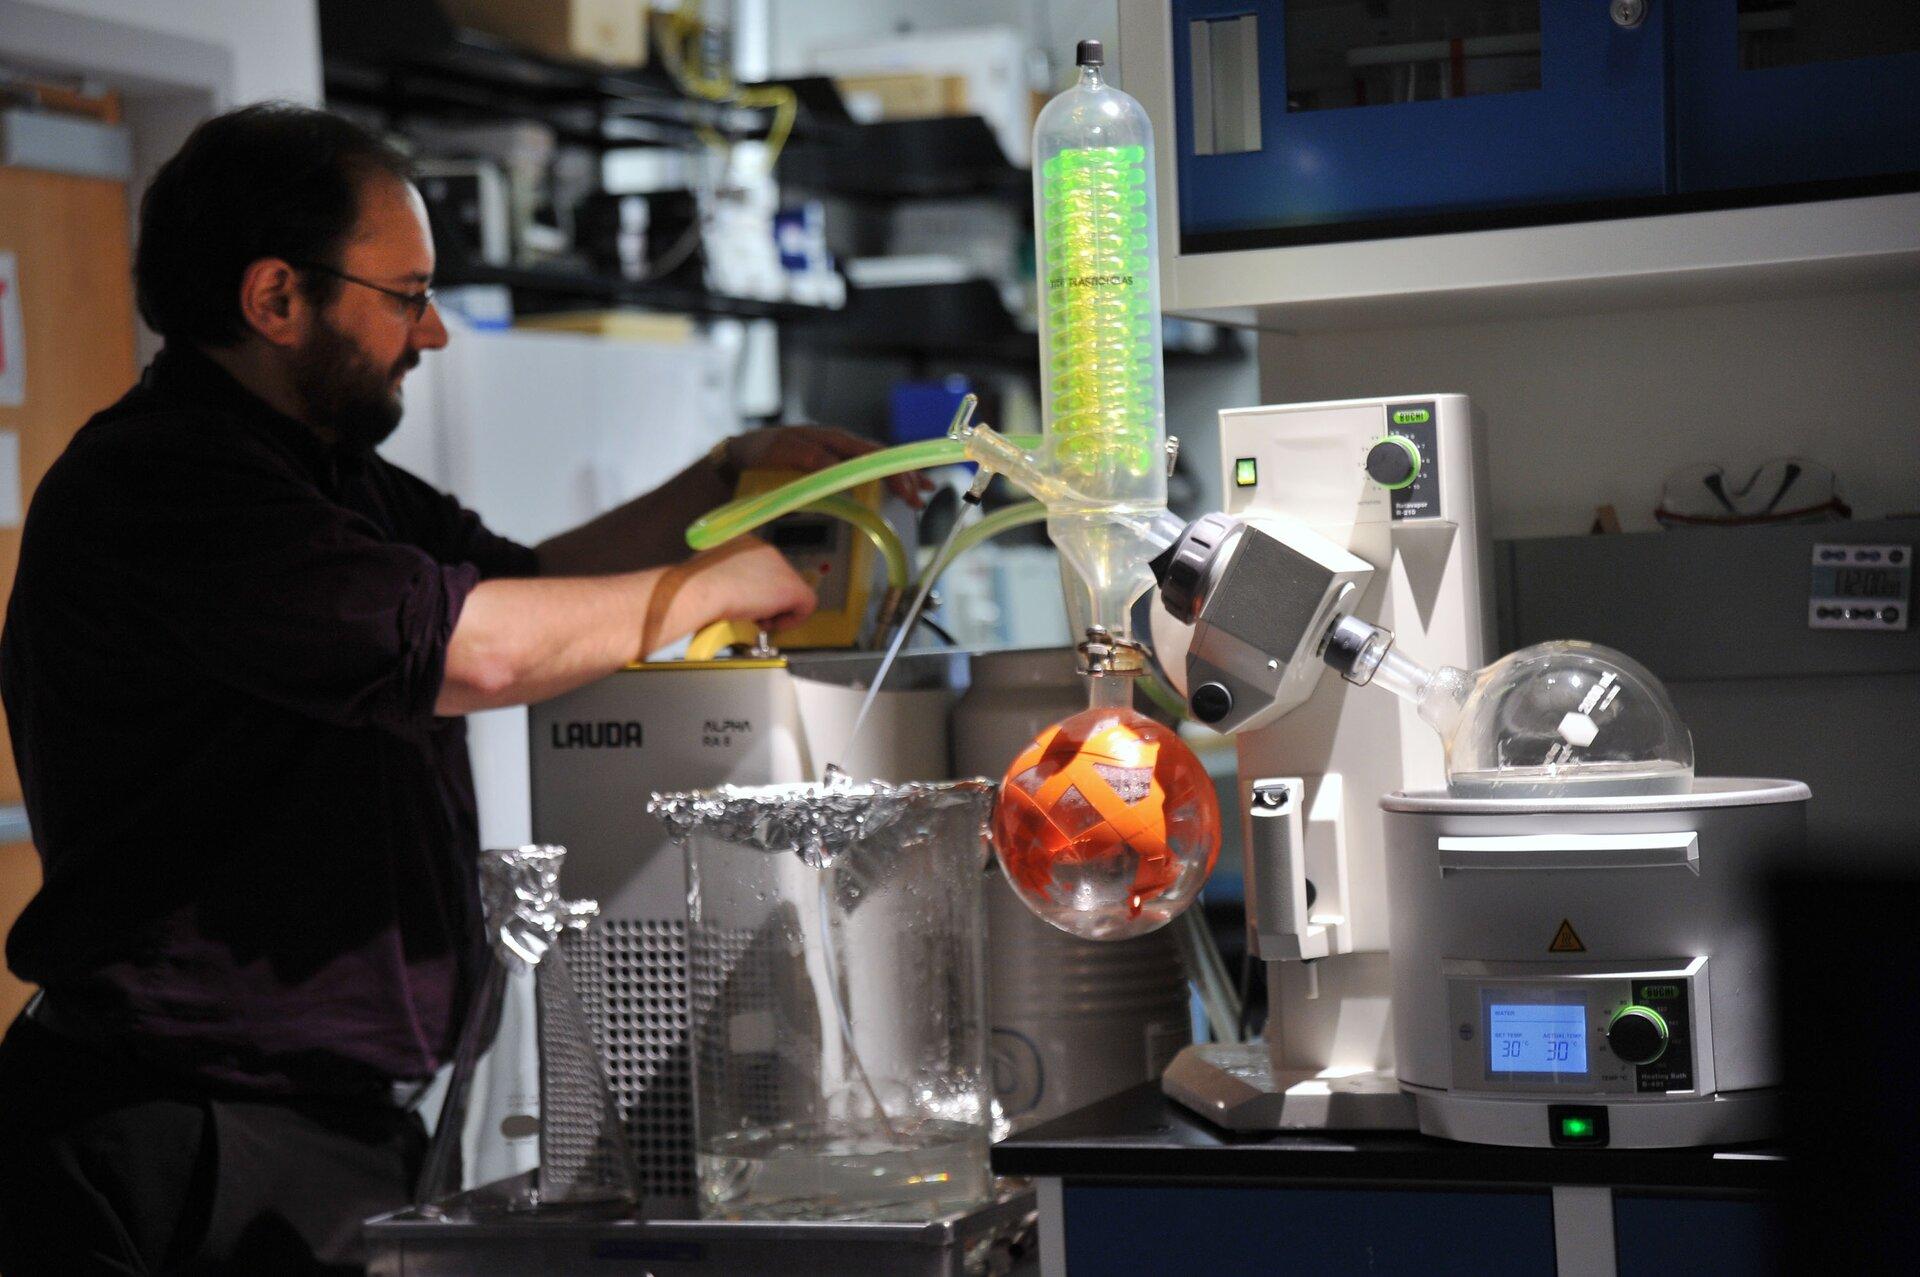 Zdjęcie przedstawia pracownika laboratorium obsługującego duże urządzenie oskomplikowanym wyglądzie. Urządzenie składa się dużego, białego korpusu po prawej stronie fotografii, wktórym wyróżnić można element grzewczy czyli łaźnię, wktórej spoczywa ustawiona pod kątem około czterdziestu pięciu stopni duża kolba kulista zogrzewanym roztworem. Łaźnia sterowana jest elektronicznie, pod kolbą znajduje się panel zwyświetlaczem LCD. Szyja kolby unieruchomiona jest wuchwycie, który podczas podgrzewania obraca kolbę. Po drugiej stronie uchwytu umocowana jest nieruchomo aparatura szklana przy której stoi laborant. Zestaw ten składa się, licząc od dołu, zmałej kolbki będącej odbieralnikiem odparowanej cieczy oraz tak zwaną chłodnicą zwrotną wktórej płyn chłodzący wspiralnej rurce charakteryzuje się zielonkawą barwą. Zadaniem chłodnicy zwrotnej jest wyłapywanie par uciekających zdużej kolby, chłodzenie ich iskraplanie tak, aby zbierały się wmałej kolbie odbieralniku. Od elementu szklanego łączącego ze sobą obie kolby ichłodnicę odchodzi wlewo jeszcze jedna rurka wyposażona wkran połączona zpompą.